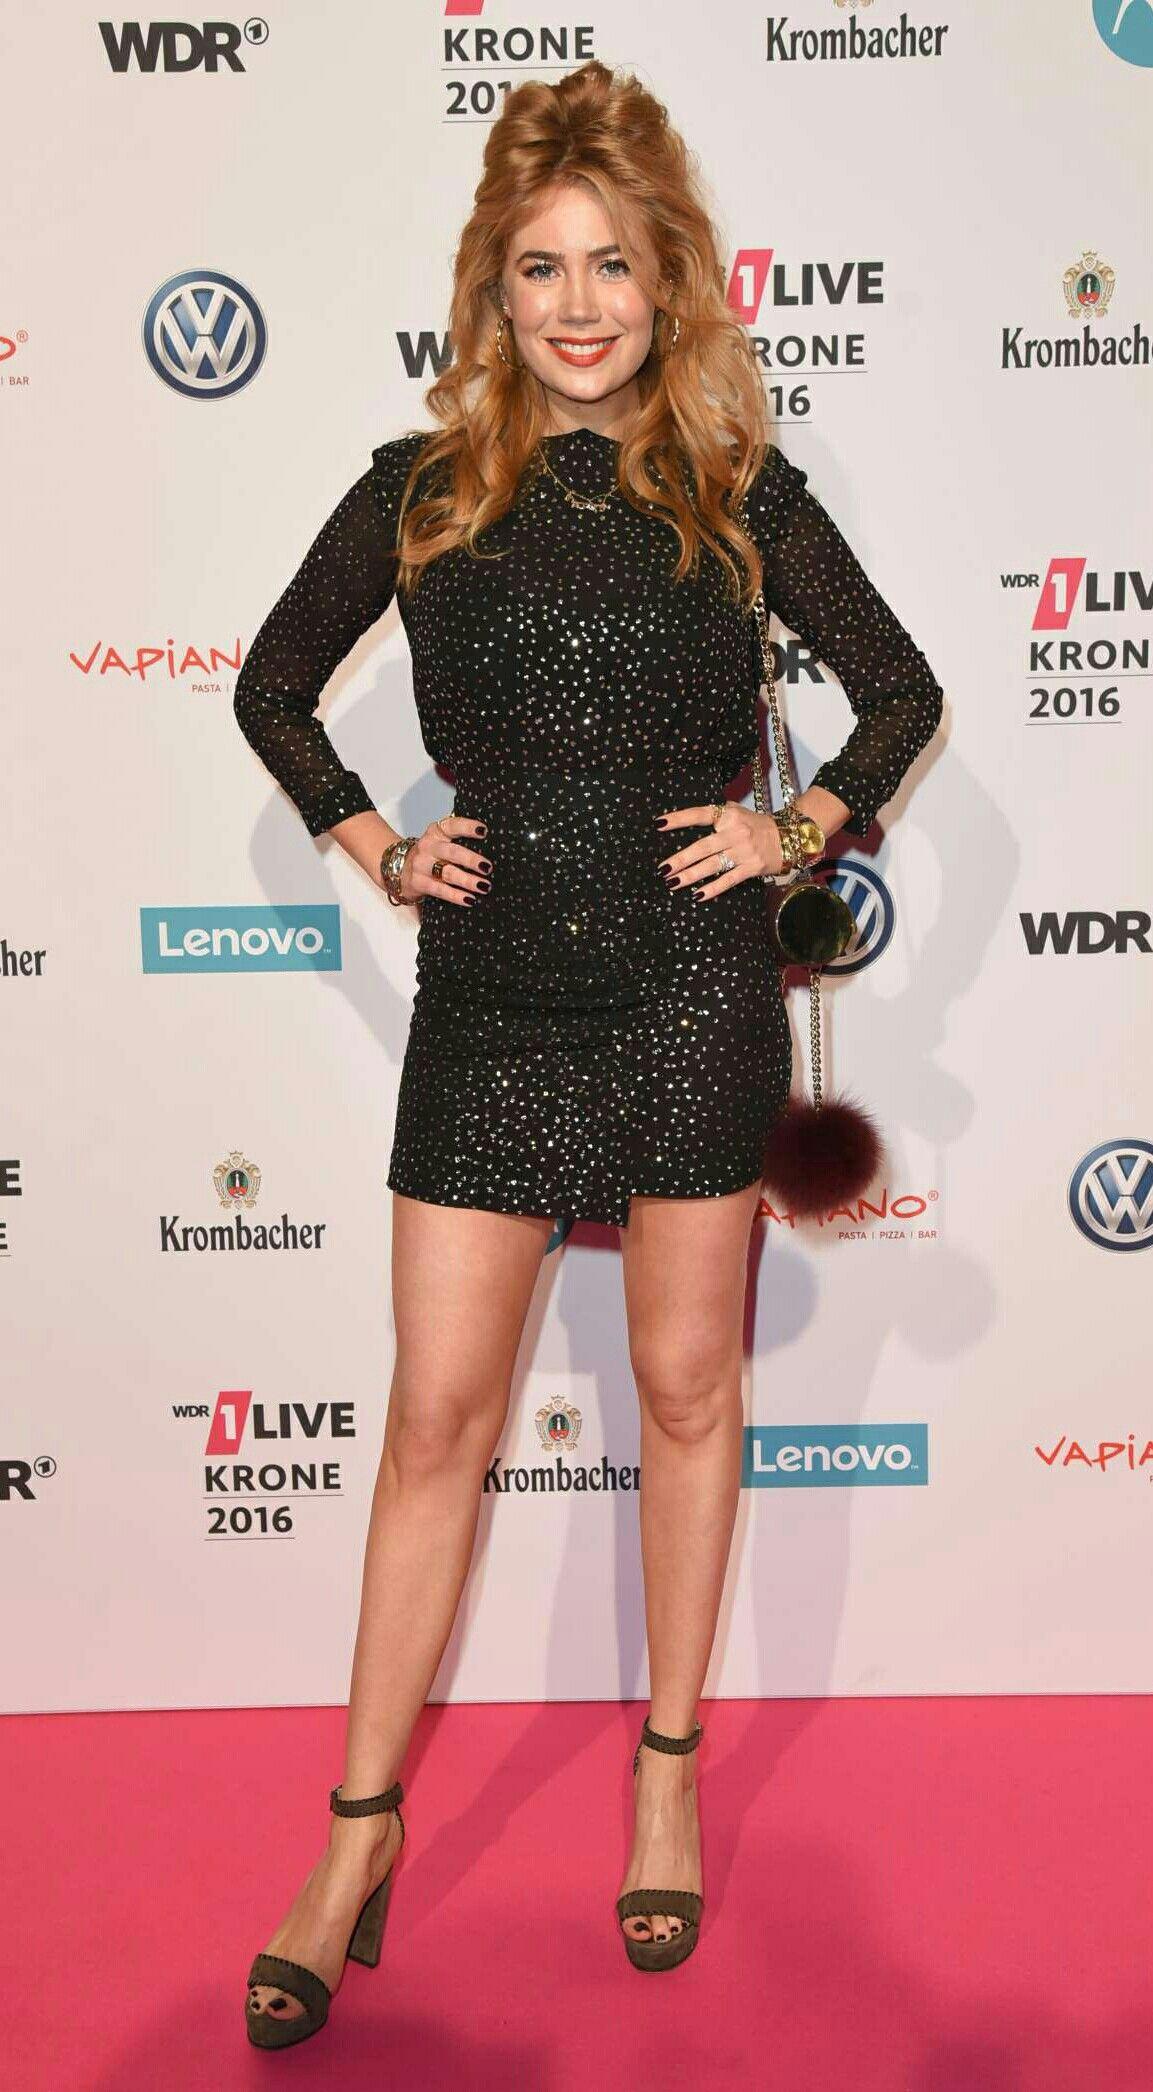 Palina Rojinski Rojinski Palina Beautiful Women High Heels